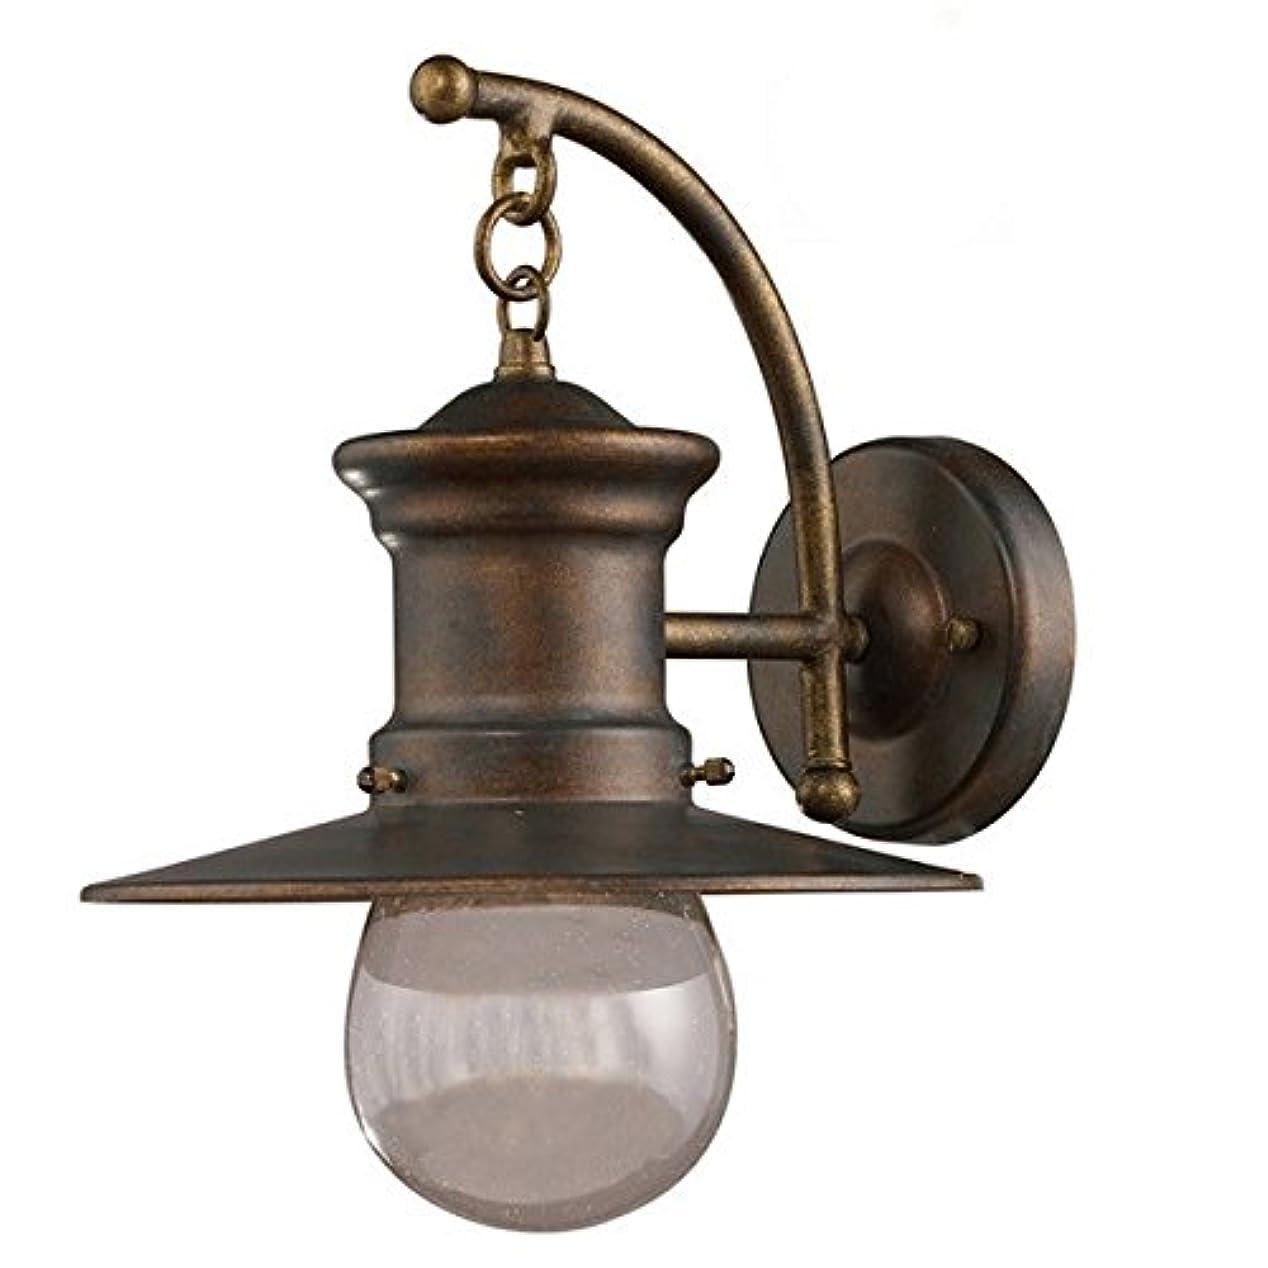 消去一回旅行玄関照明 玄関 照明 LED 門柱灯 門灯 外灯 屋外 42006HBLD KICHLER キチラー ブラケット 照明器具 E17 LED電球